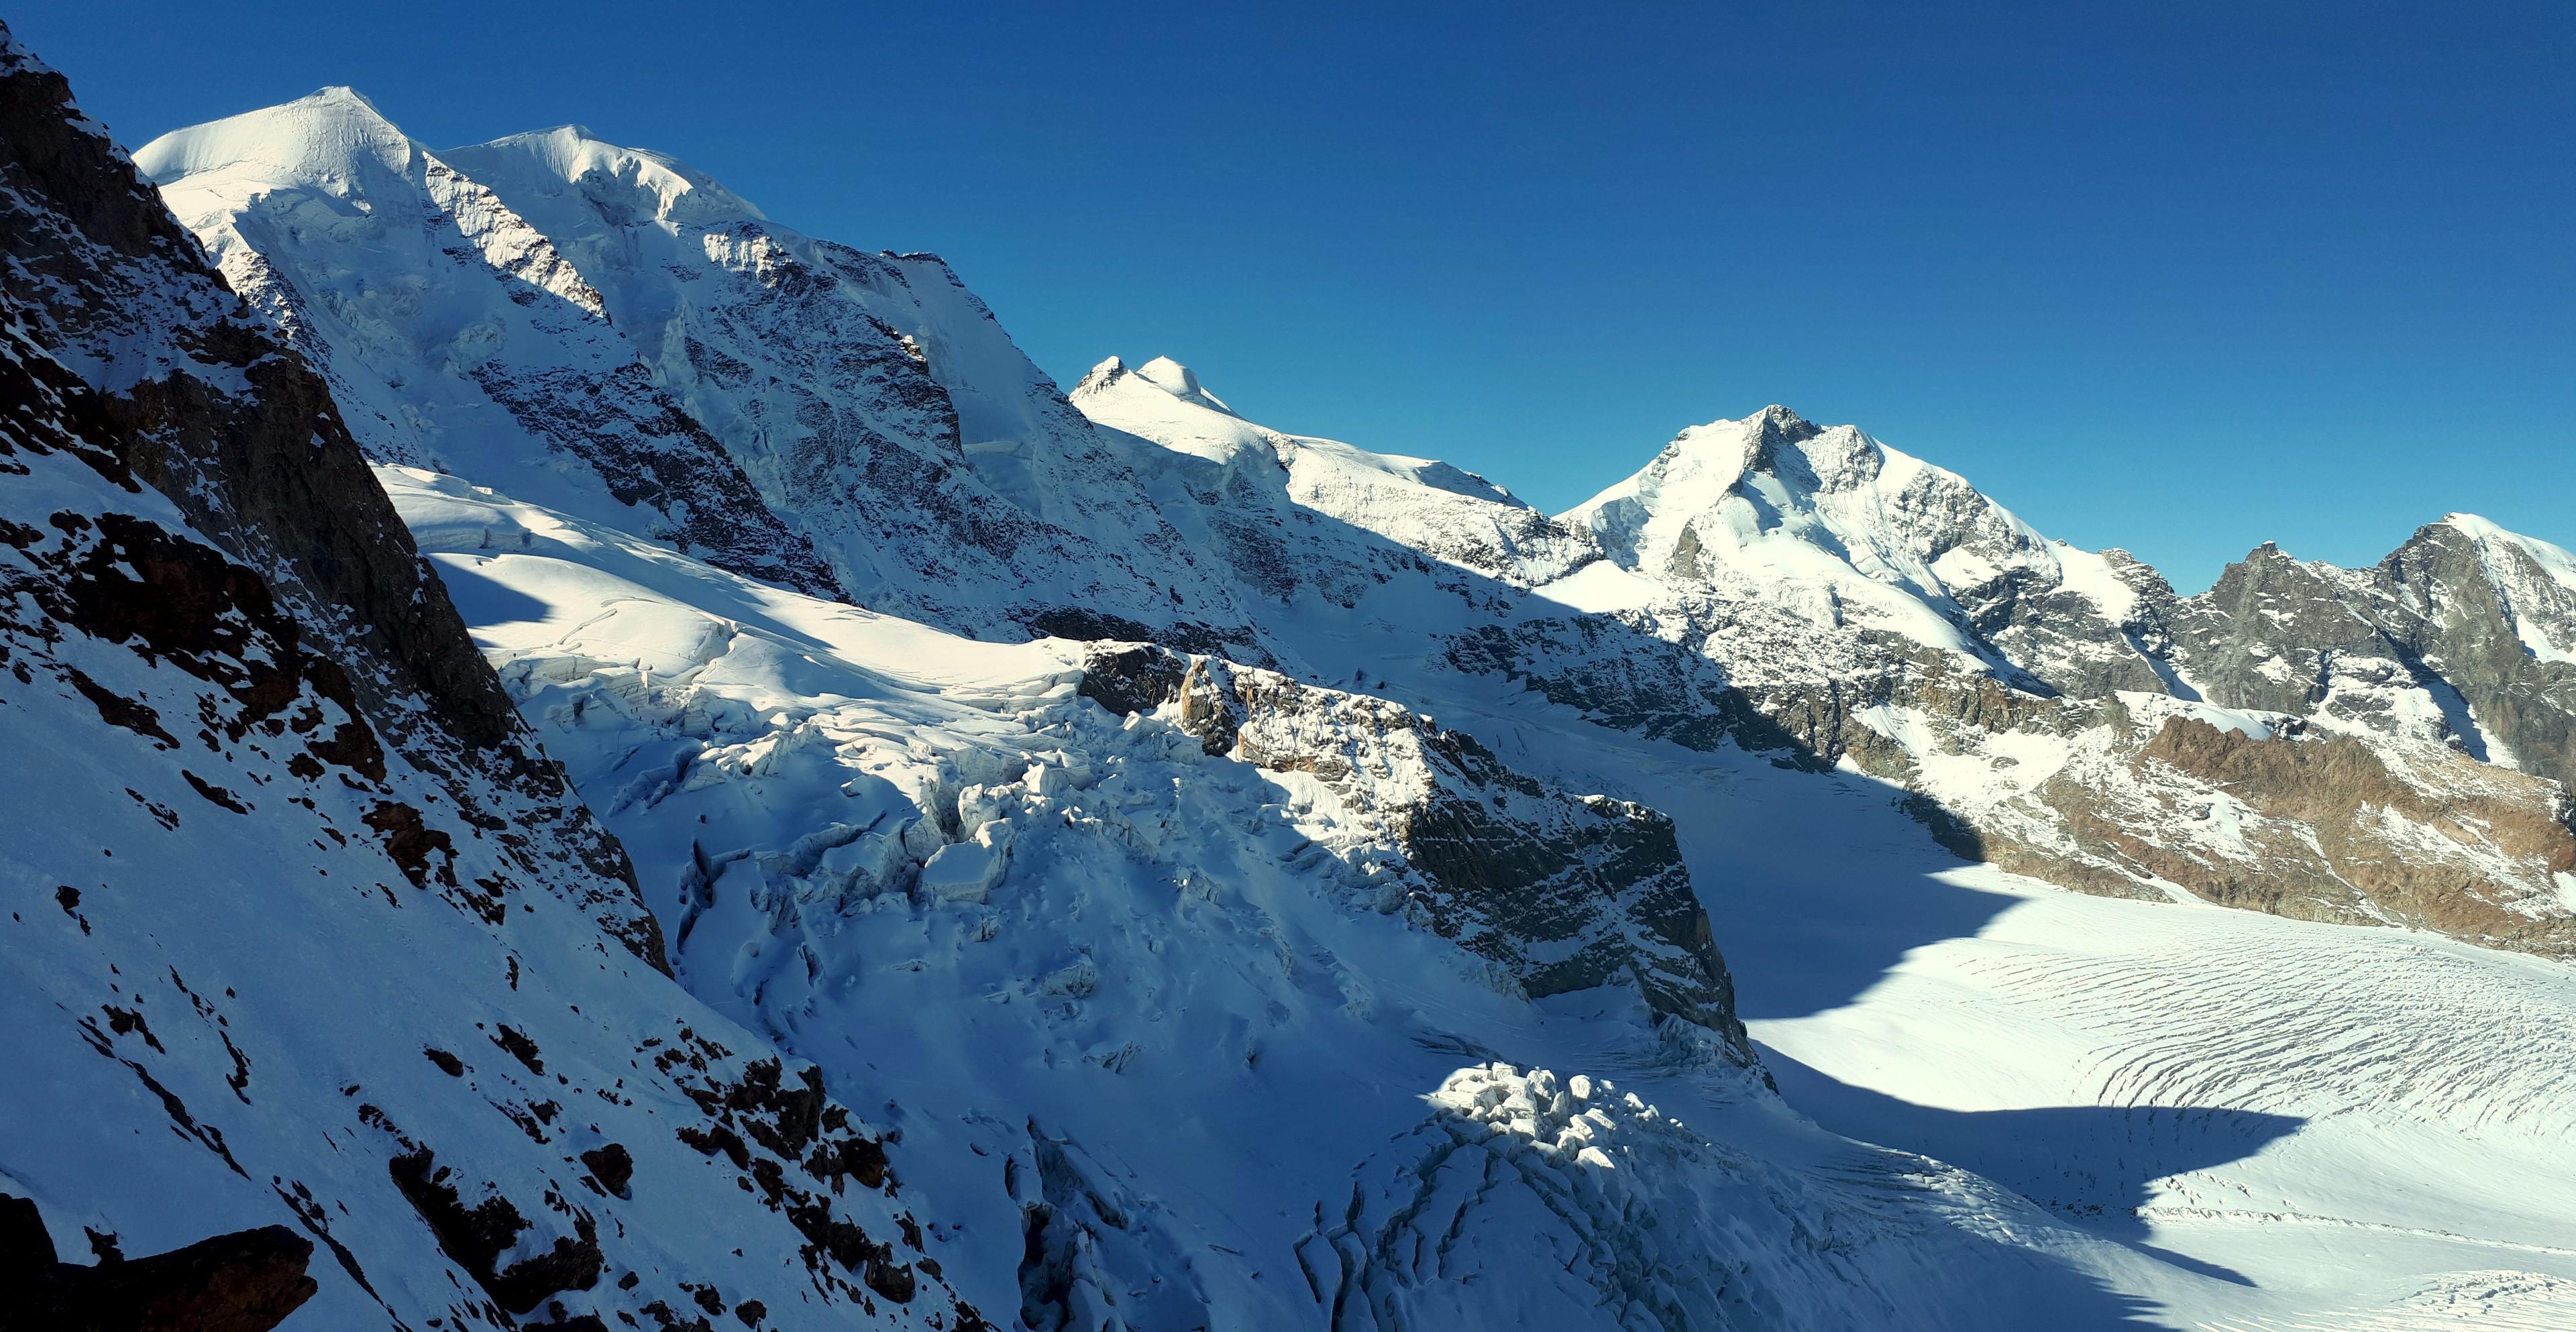 il piz Palù a sinistra e il Bernina a destra